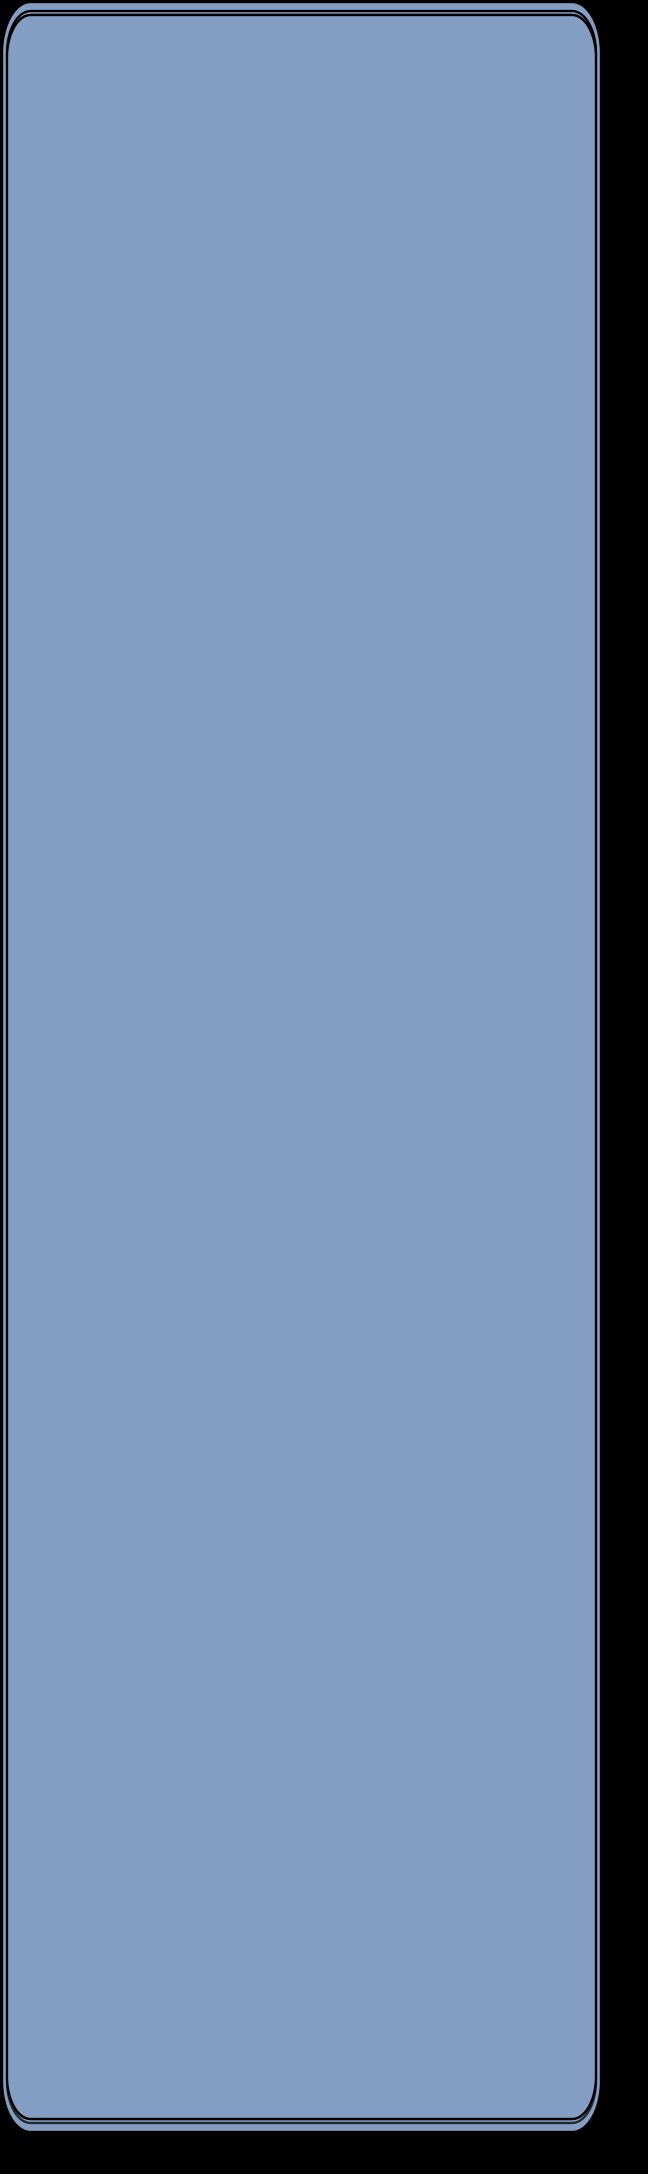 9057 e-log tool